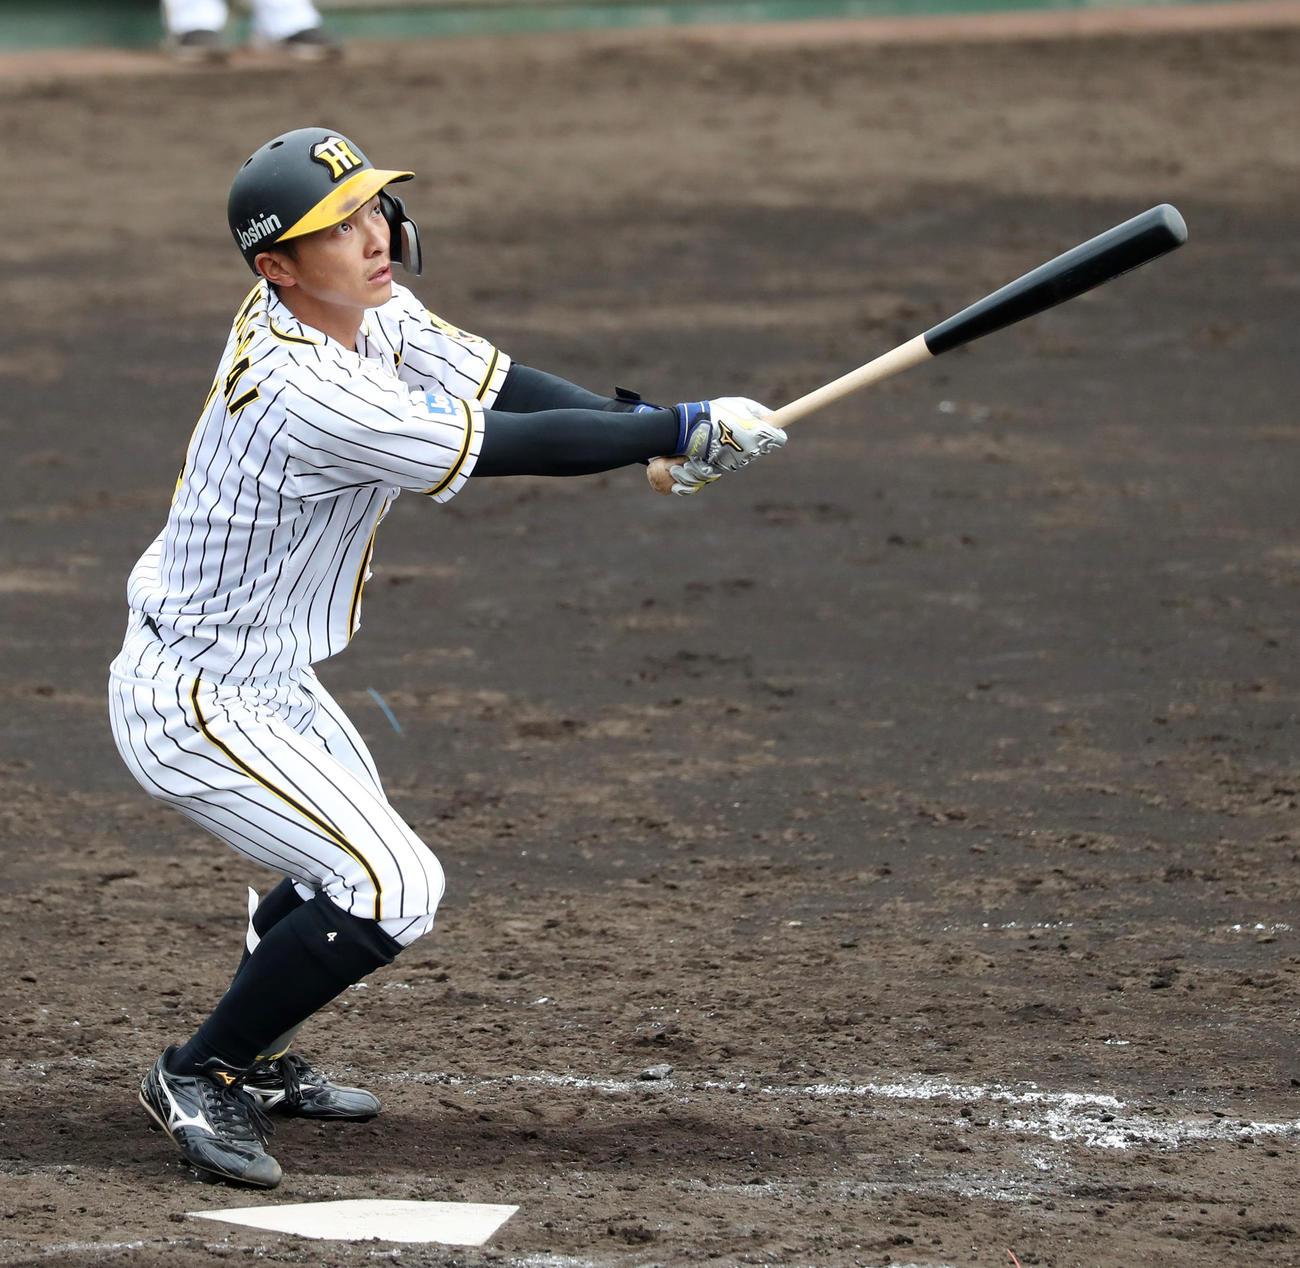 阪神対関大 5回裏阪神無死、熊谷は右越え三塁打を放つ(代表撮影)